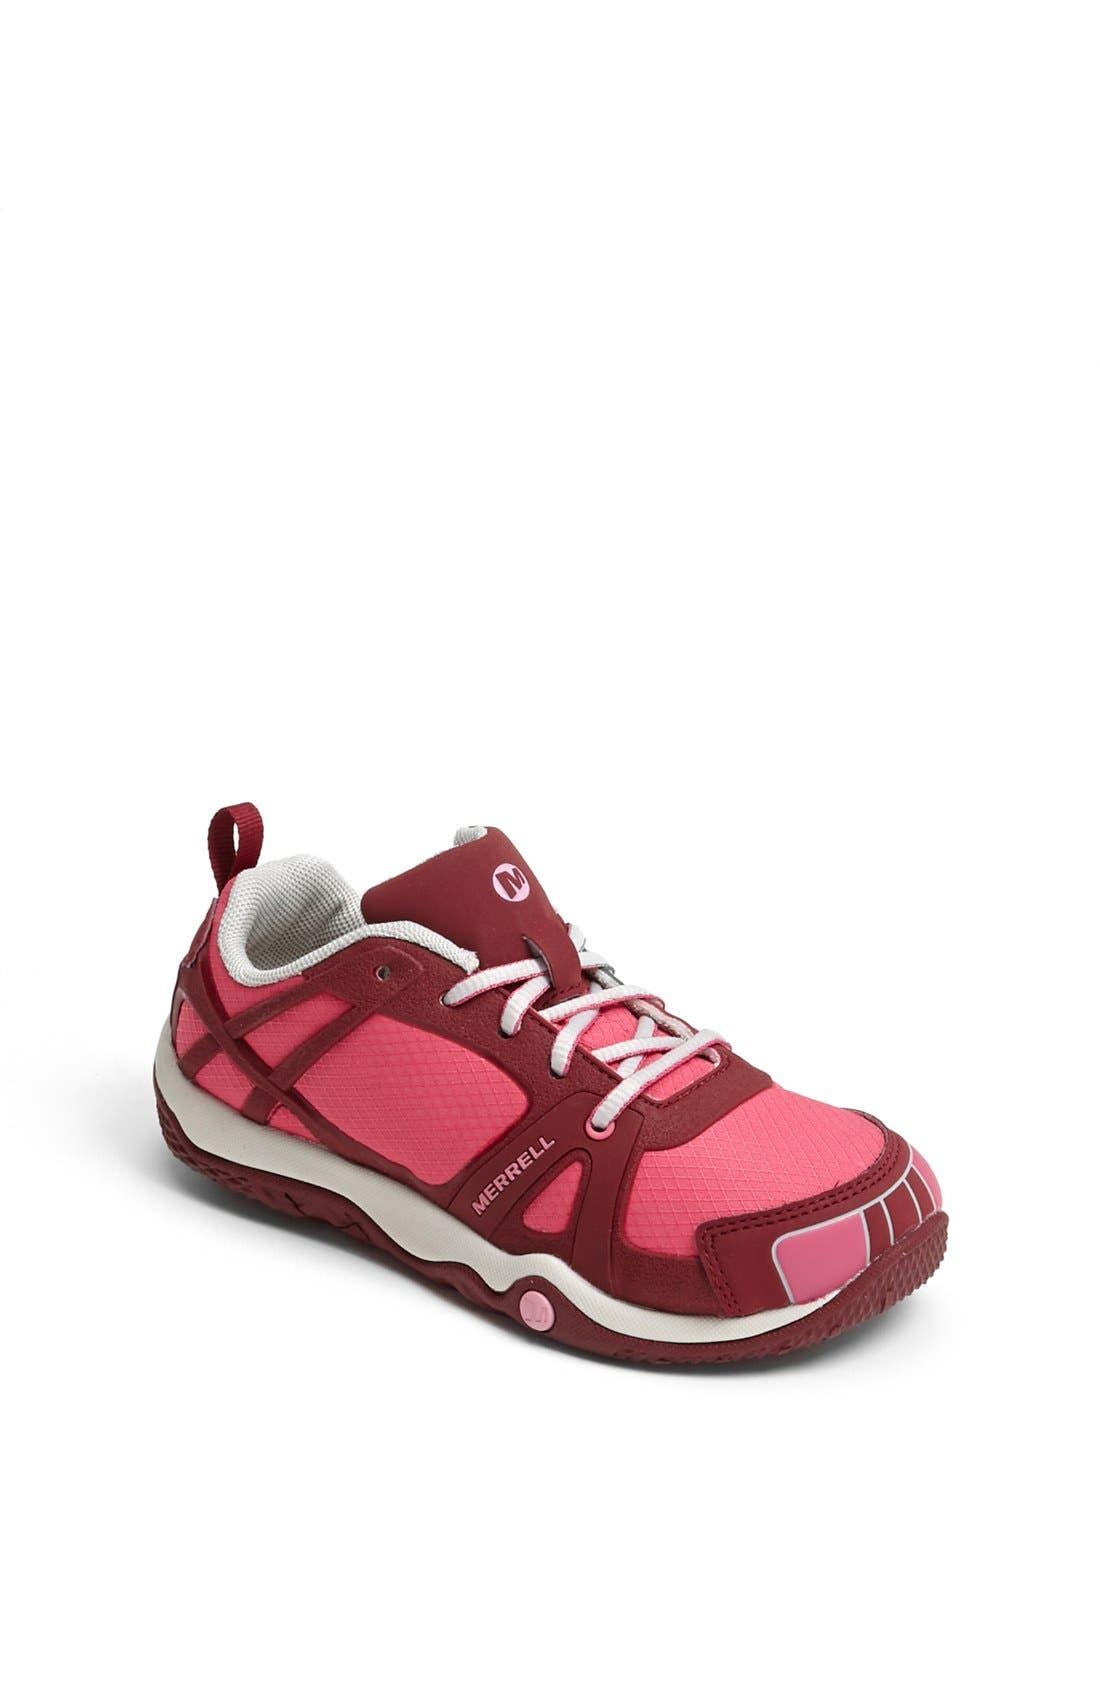 Alternate Image 1 Selected - Merrell 'Proterra Sport' Sneaker (Toddler, Little Kid & Big Kid)